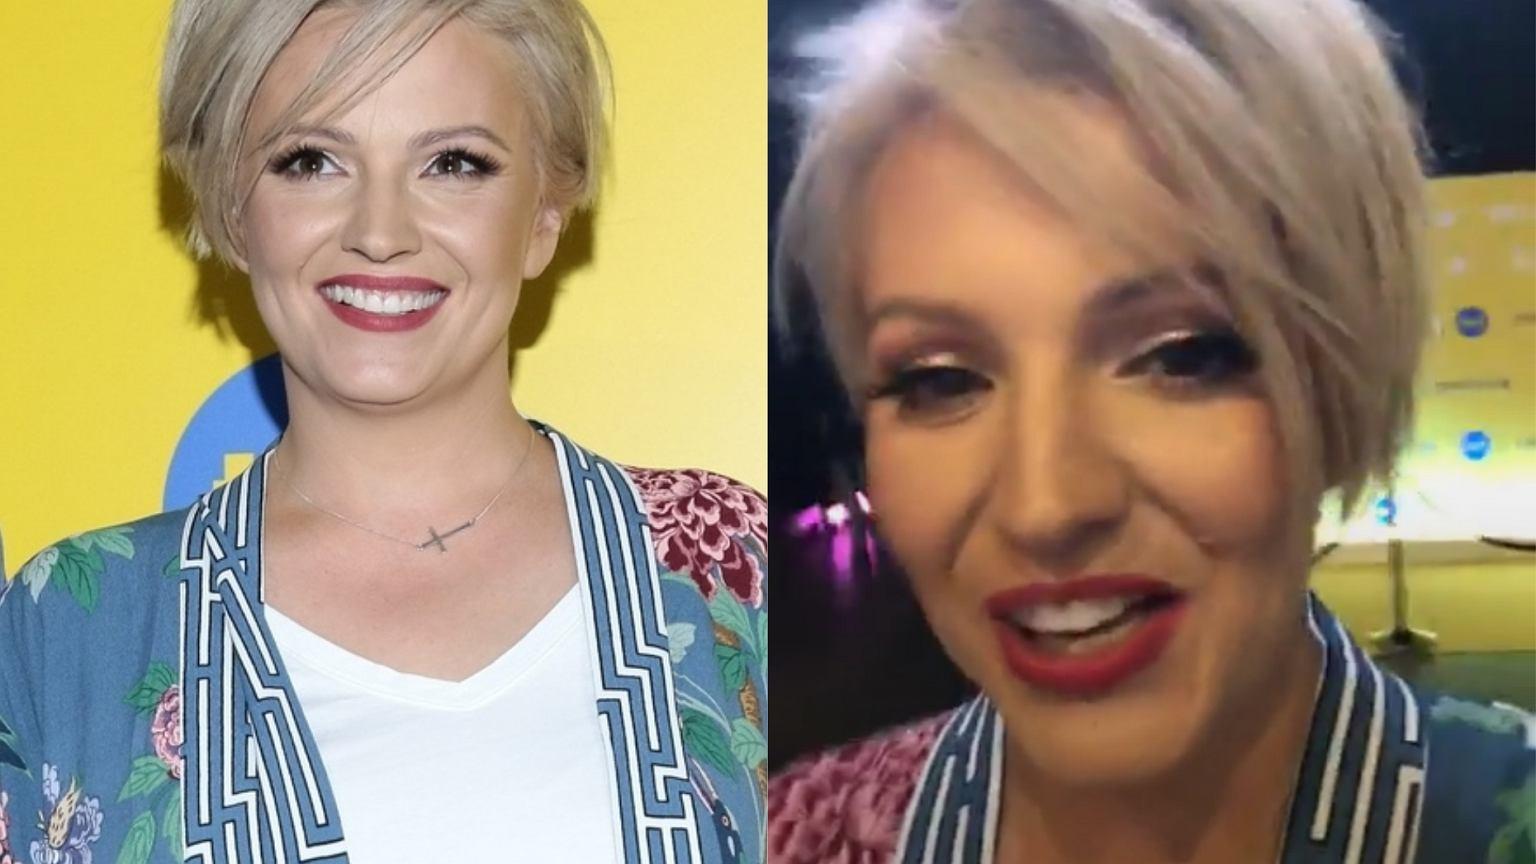 Na ramówce TVN-u Dorota Szelągowska pojawiła się w pełnym makijażu. Ale najpierw pokazała się BEZ. Różnica dość widoczna